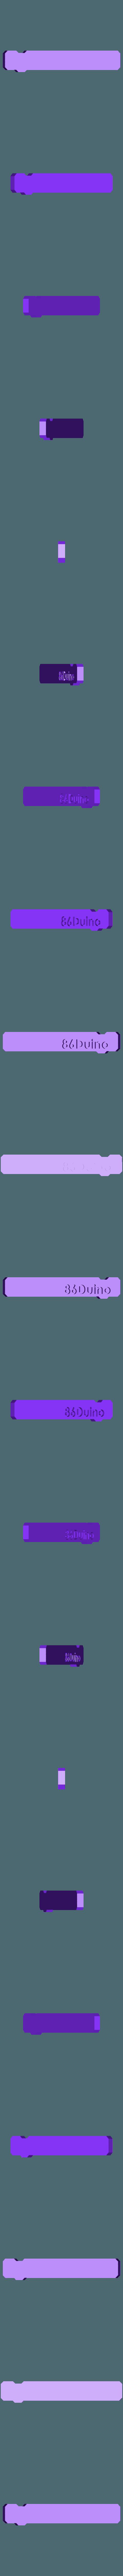 86Scratch-7.STL Download free STL file 86Duino Scratch block • 3D print model, 86Duino